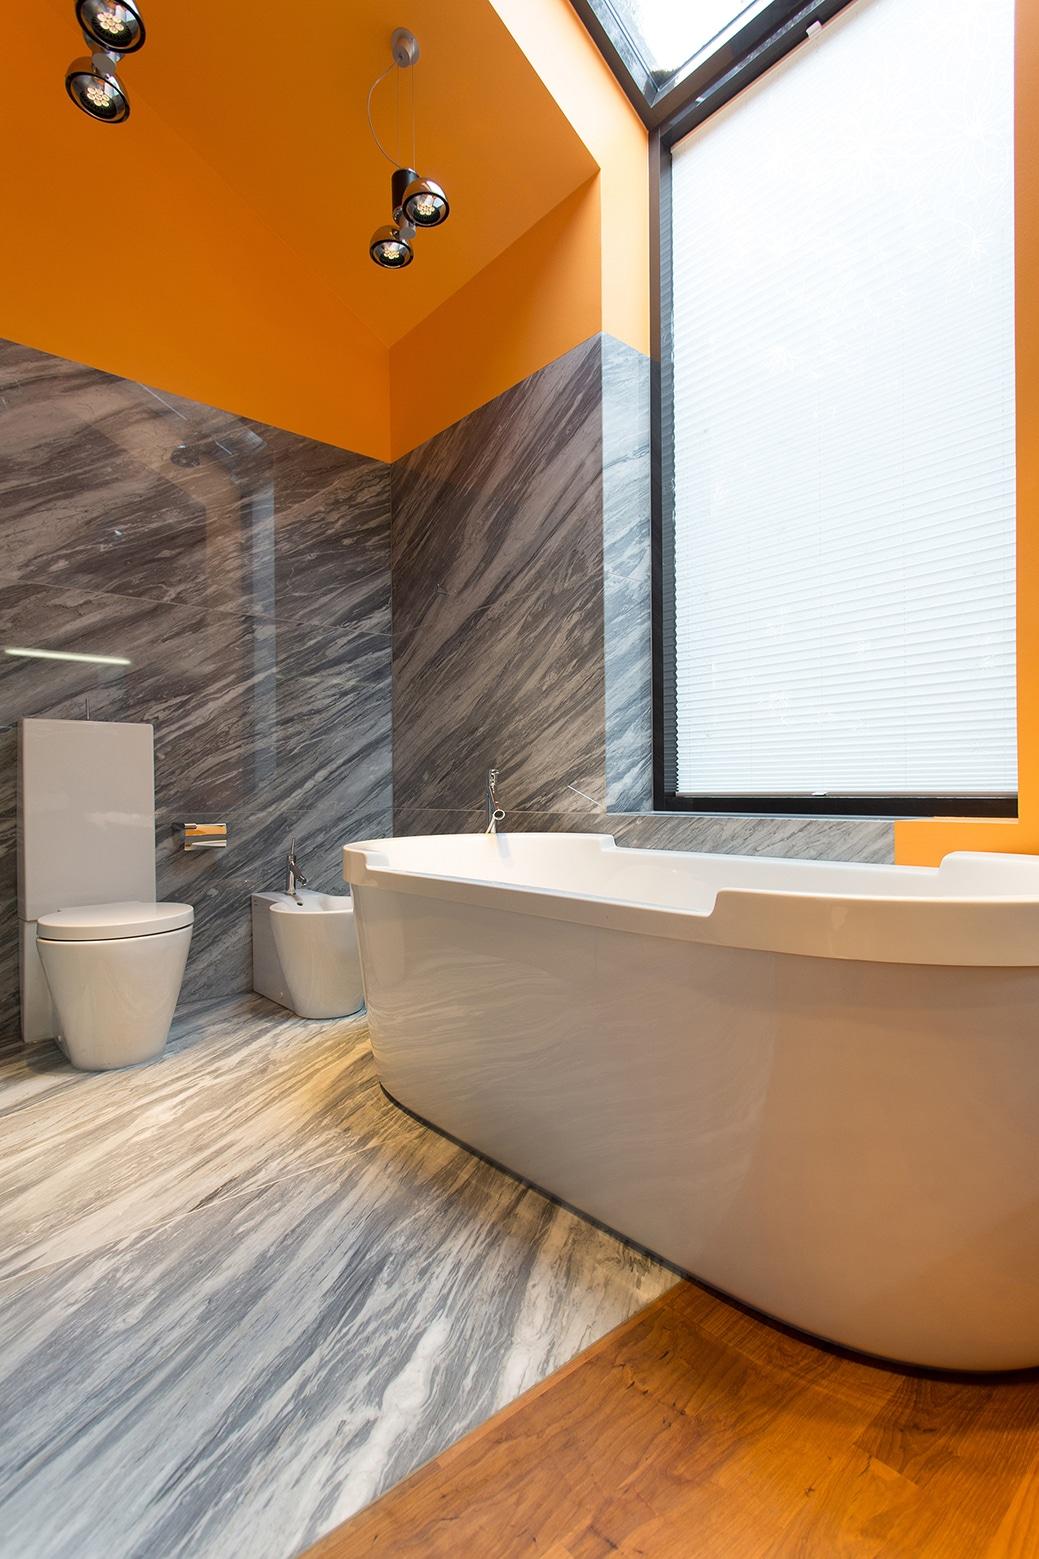 Cuartos De Baño Con Tina:Casa de campo con planos, moderno diseño de fachada con acabados de